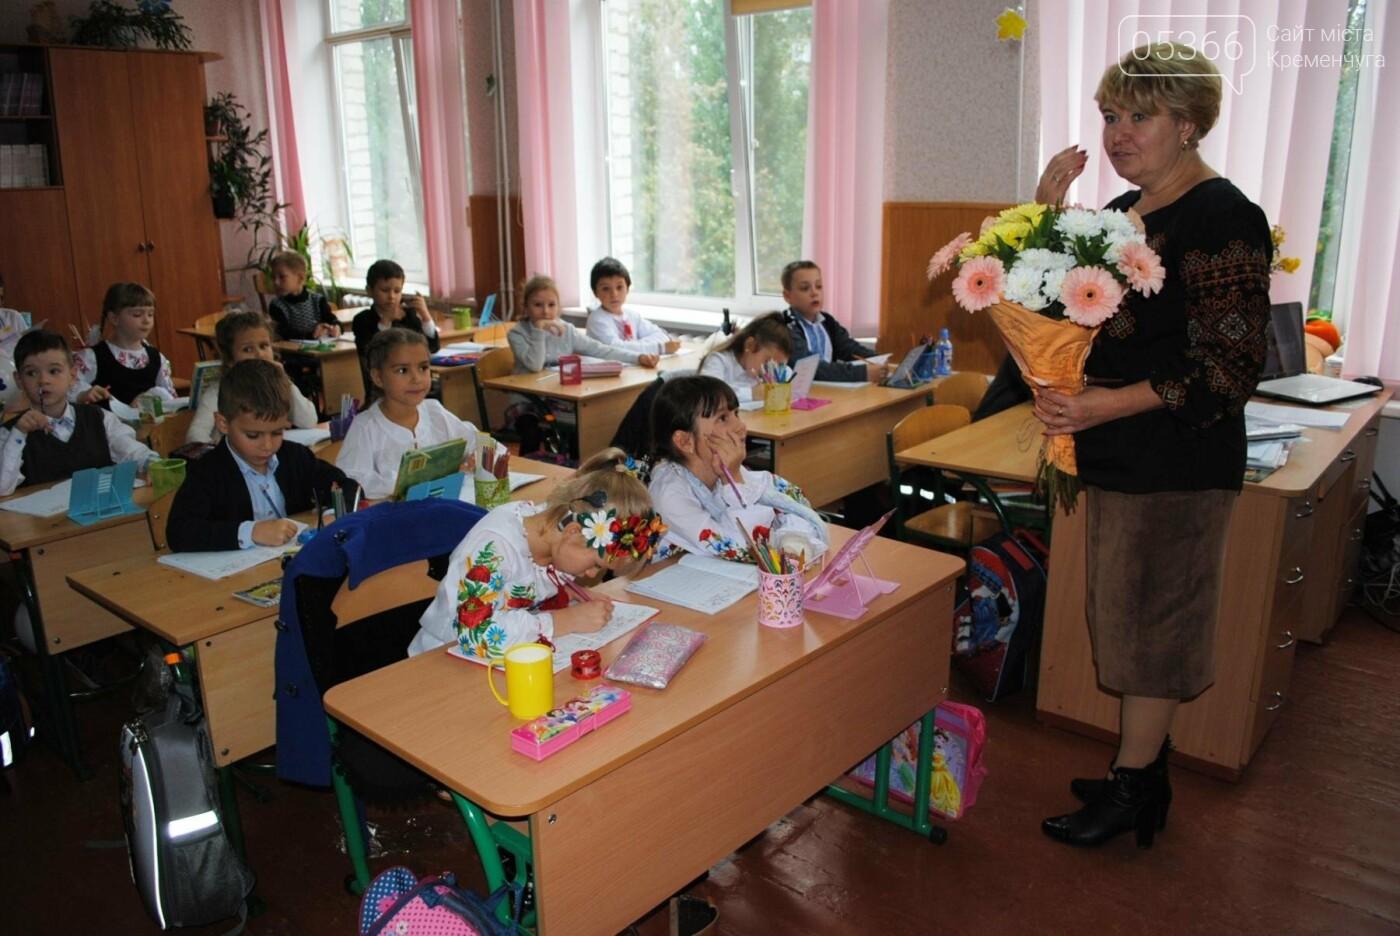 Лучший подарок для учителя - признание и любовь учеников (ФОТО), фото-14